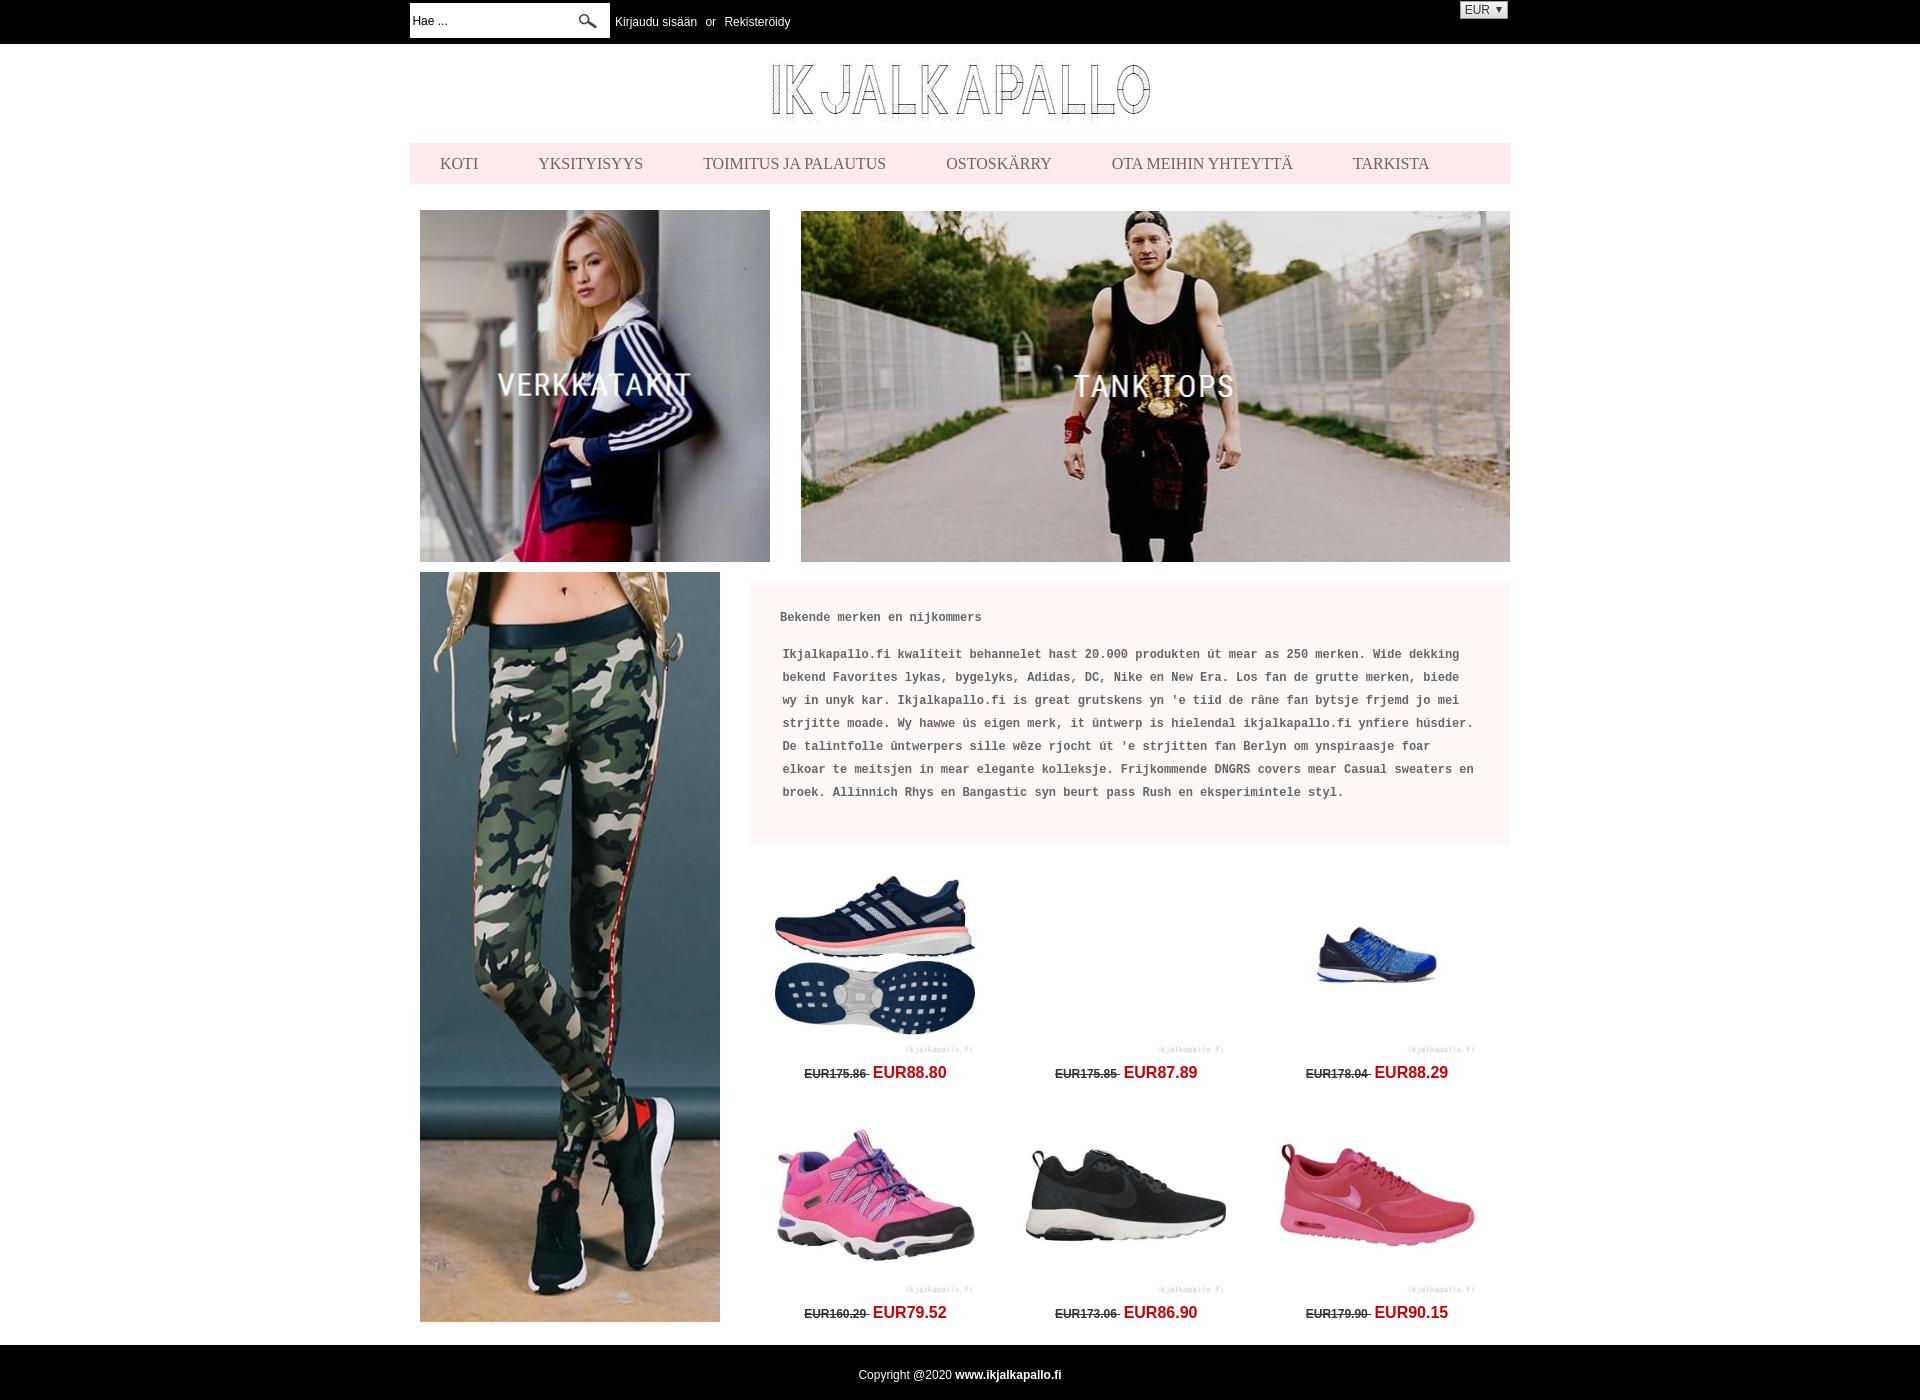 Screenshot for ikjalkapallo.fi